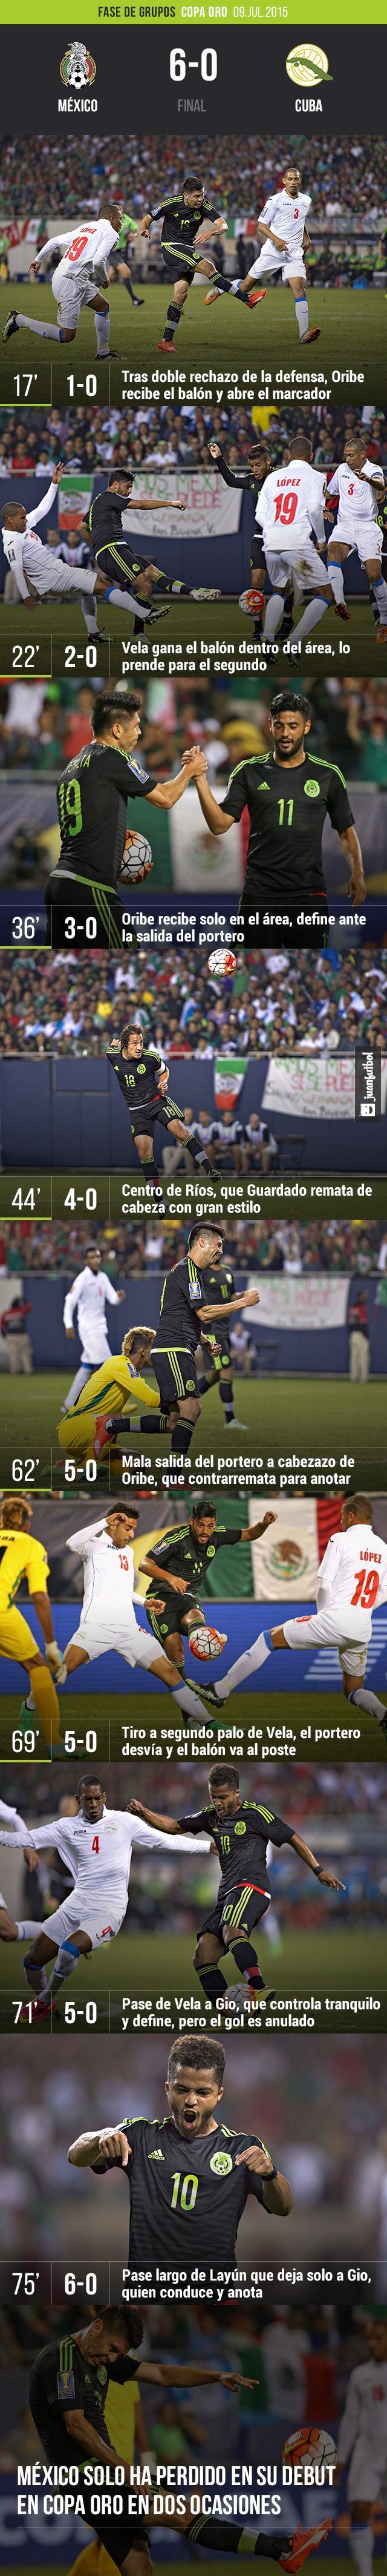 México derrota 6-0 a Cuba con tres goles de Oribe, uno de Vela, Giovani dos Santos, Guardado en la Copa Oro